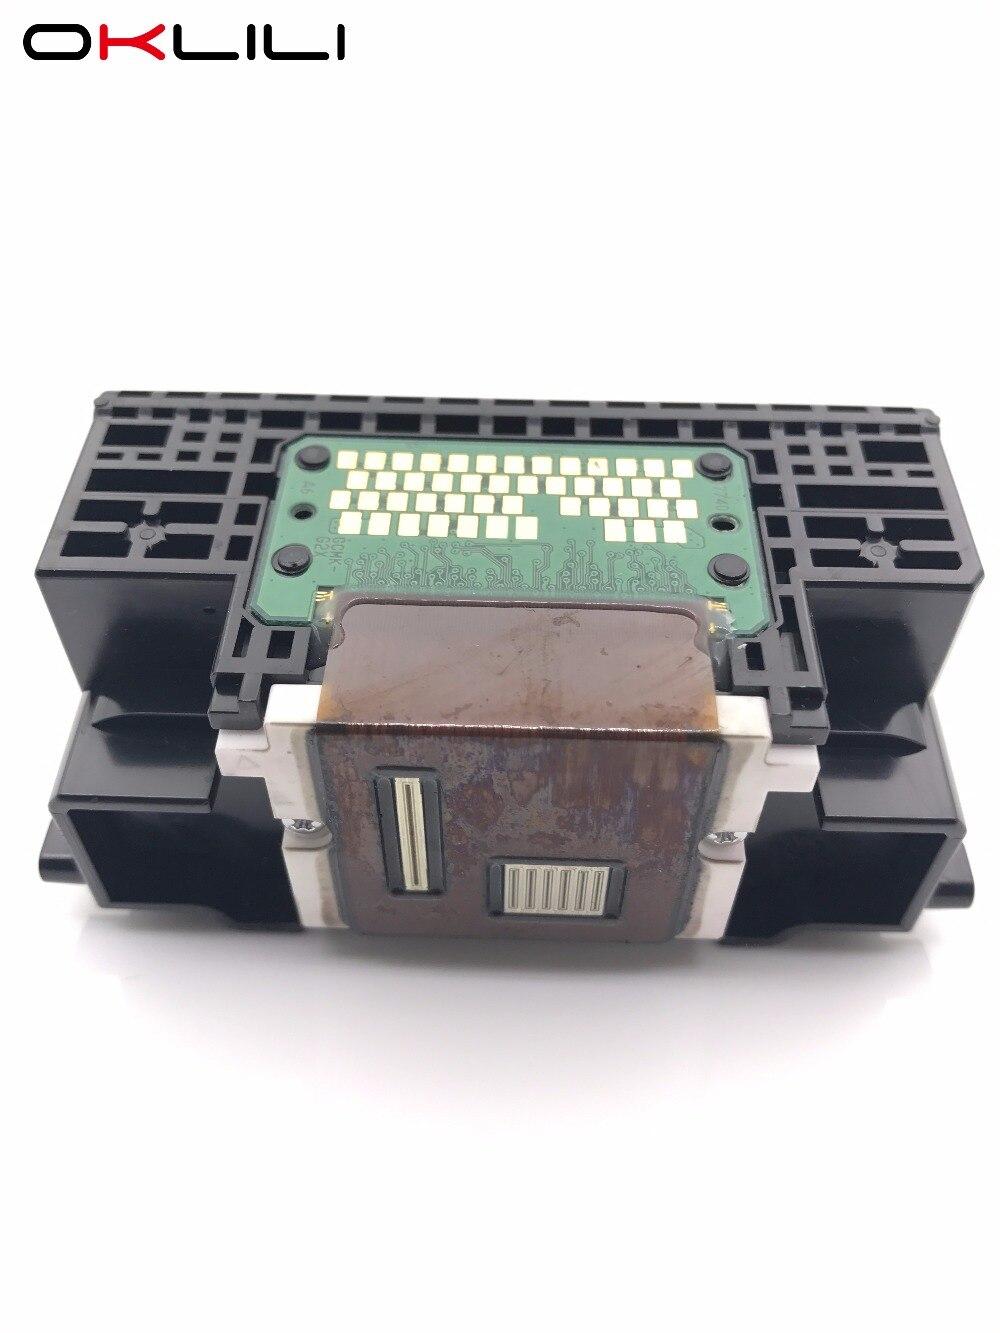 QY6-0073 Druckkopf Druckkopf für Canon iP3600 iP3680 MP540 MP550 MP560 MP568 MP620 MX860 MX868 MX870 MX878 MG5140 MG5150 MG5180